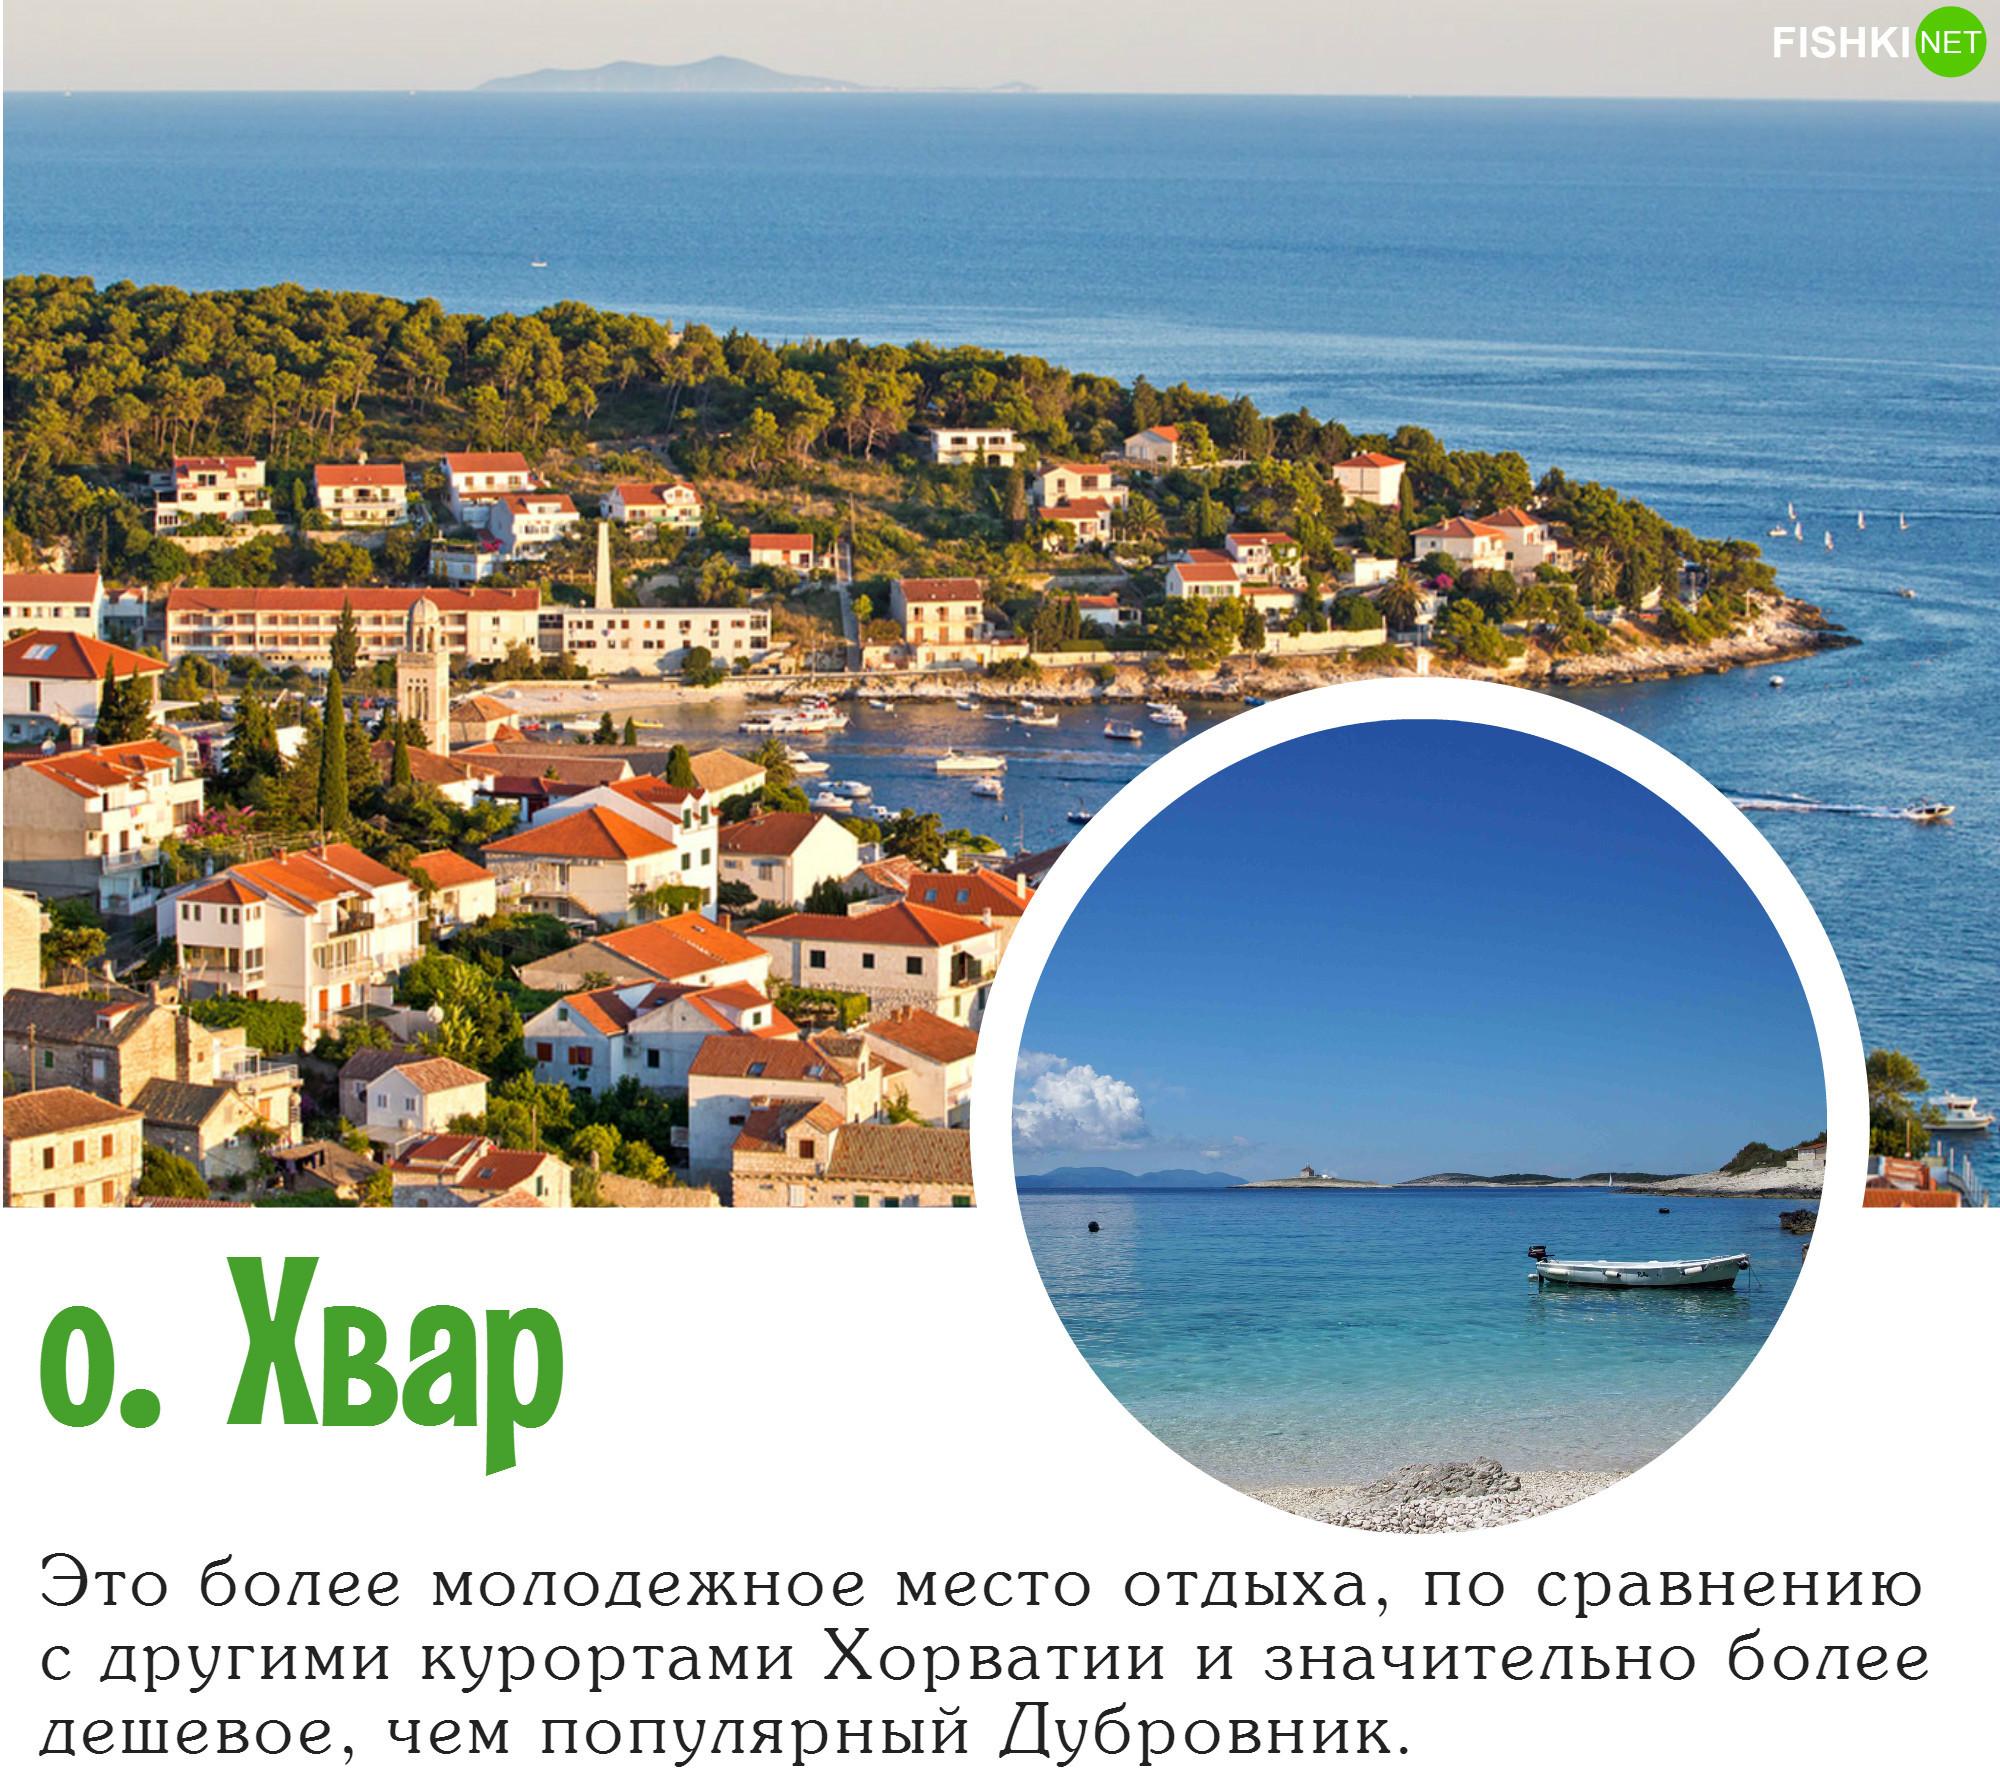 Хвар – самый солнечный остров Адриатики (2718 солнечных часов в год). Если вы посетите это мес